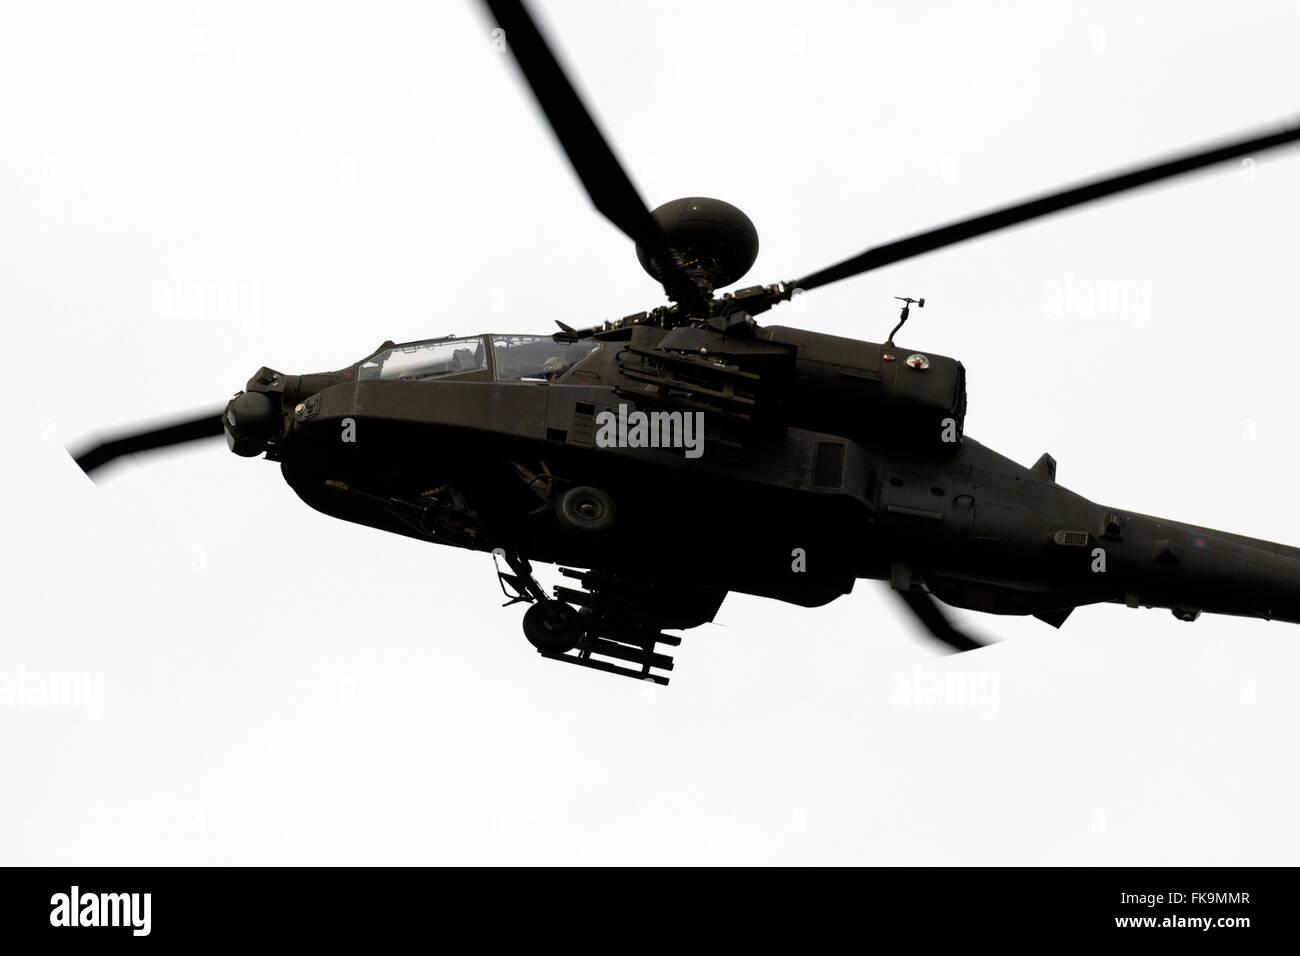 AgustaWestland Apache attack helicopter from RAF Wattisham over Rendlesham forest Suffolk UK Stock Photo